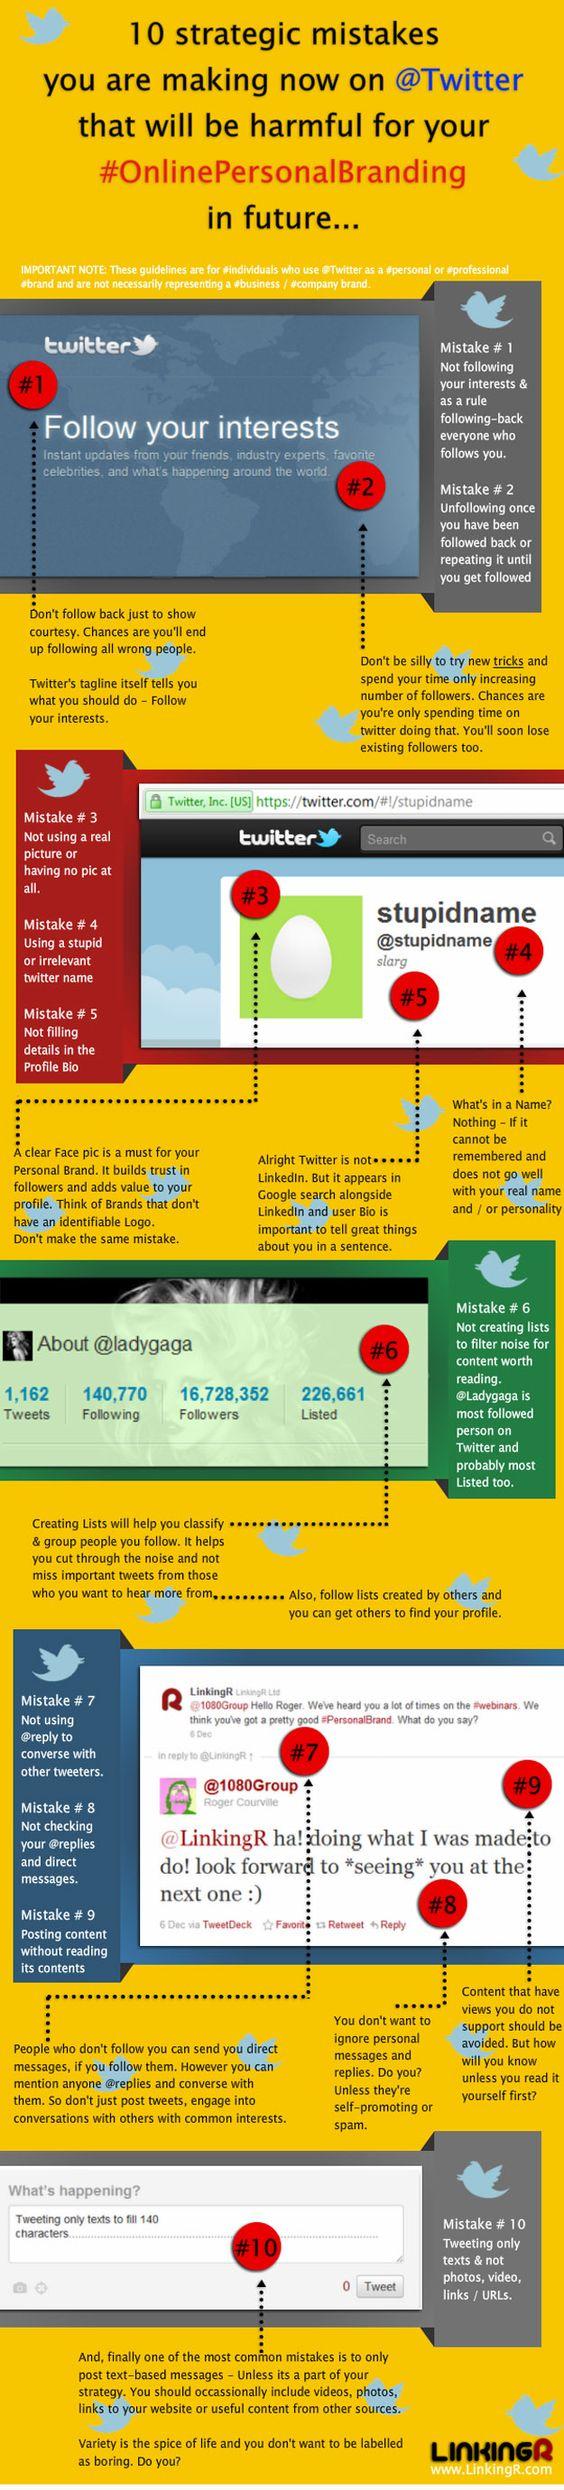 Twitter-Online-Branding-Mistakes